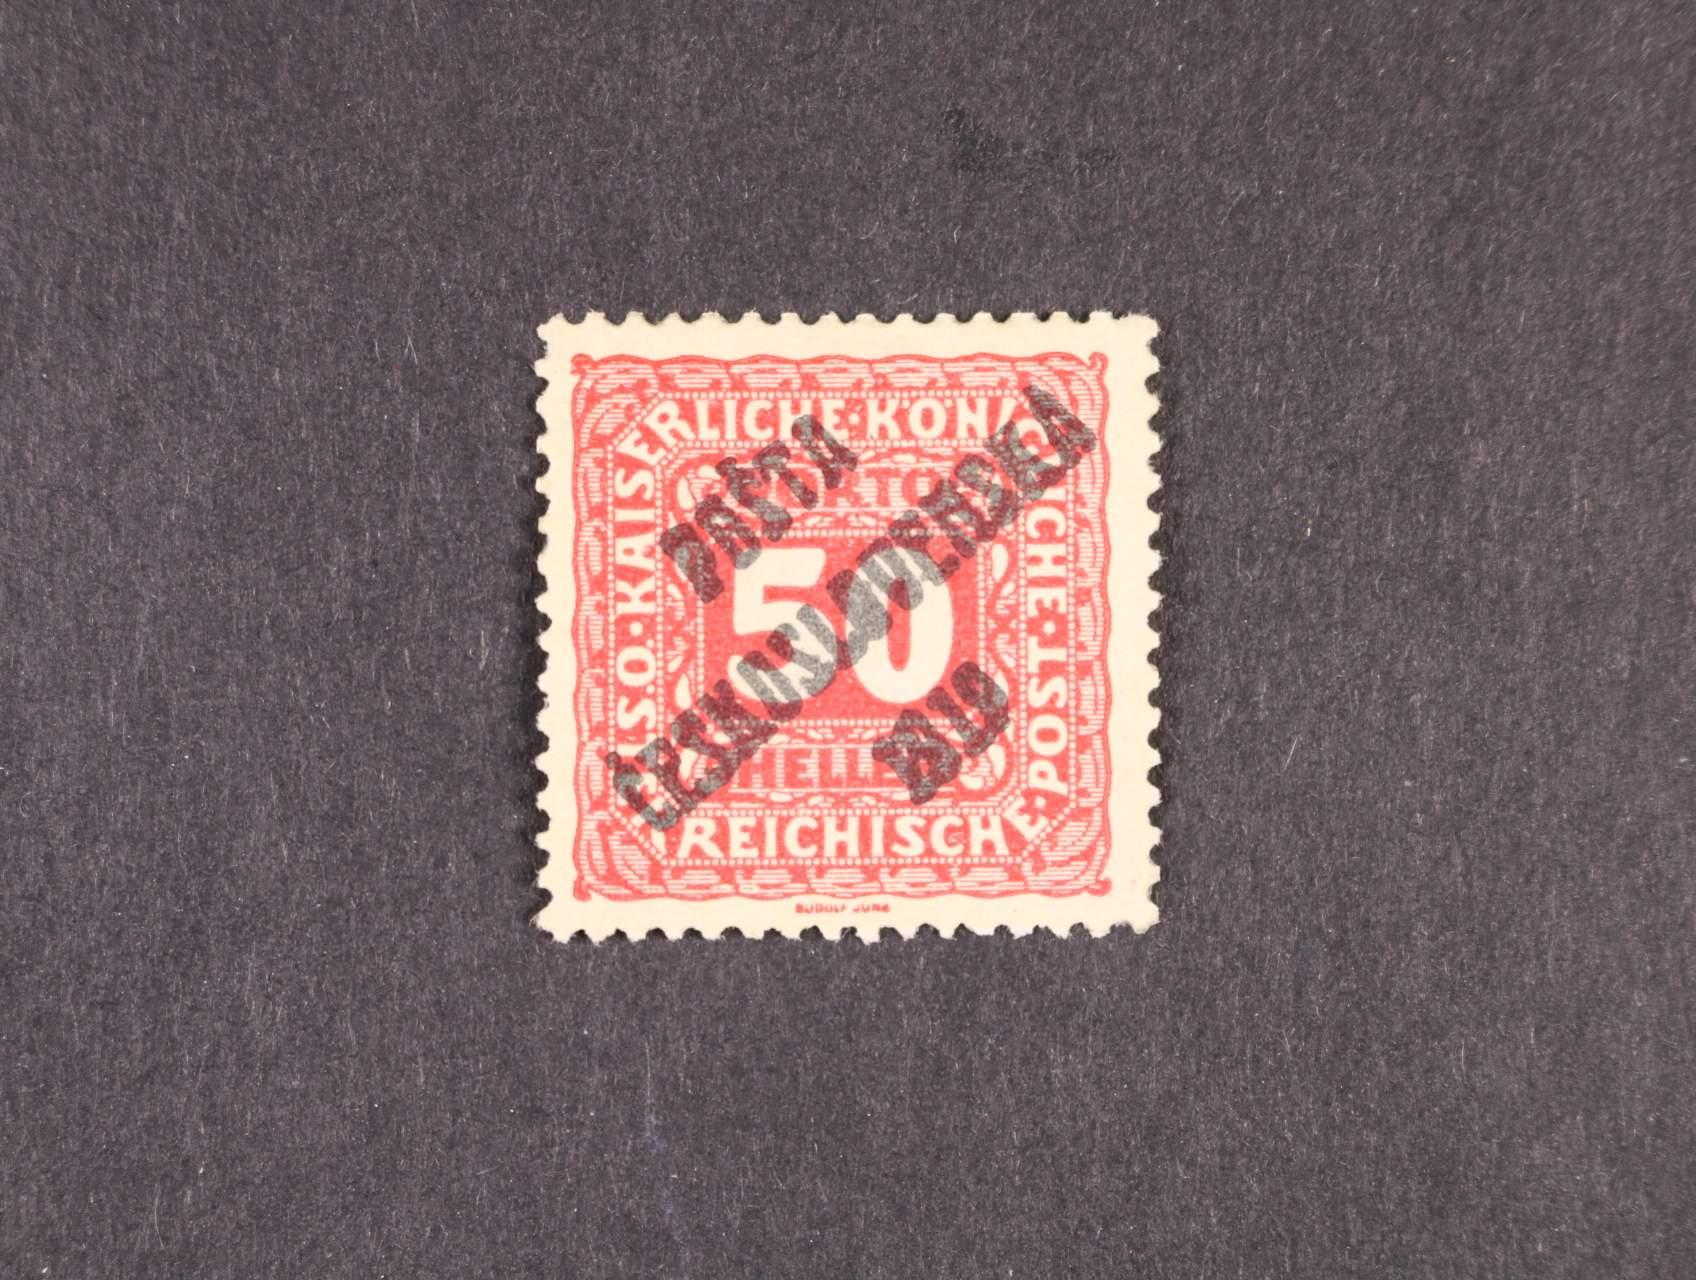 zn. č. 79 s přetiskem II. typu, zk. Lešetický, Karásek